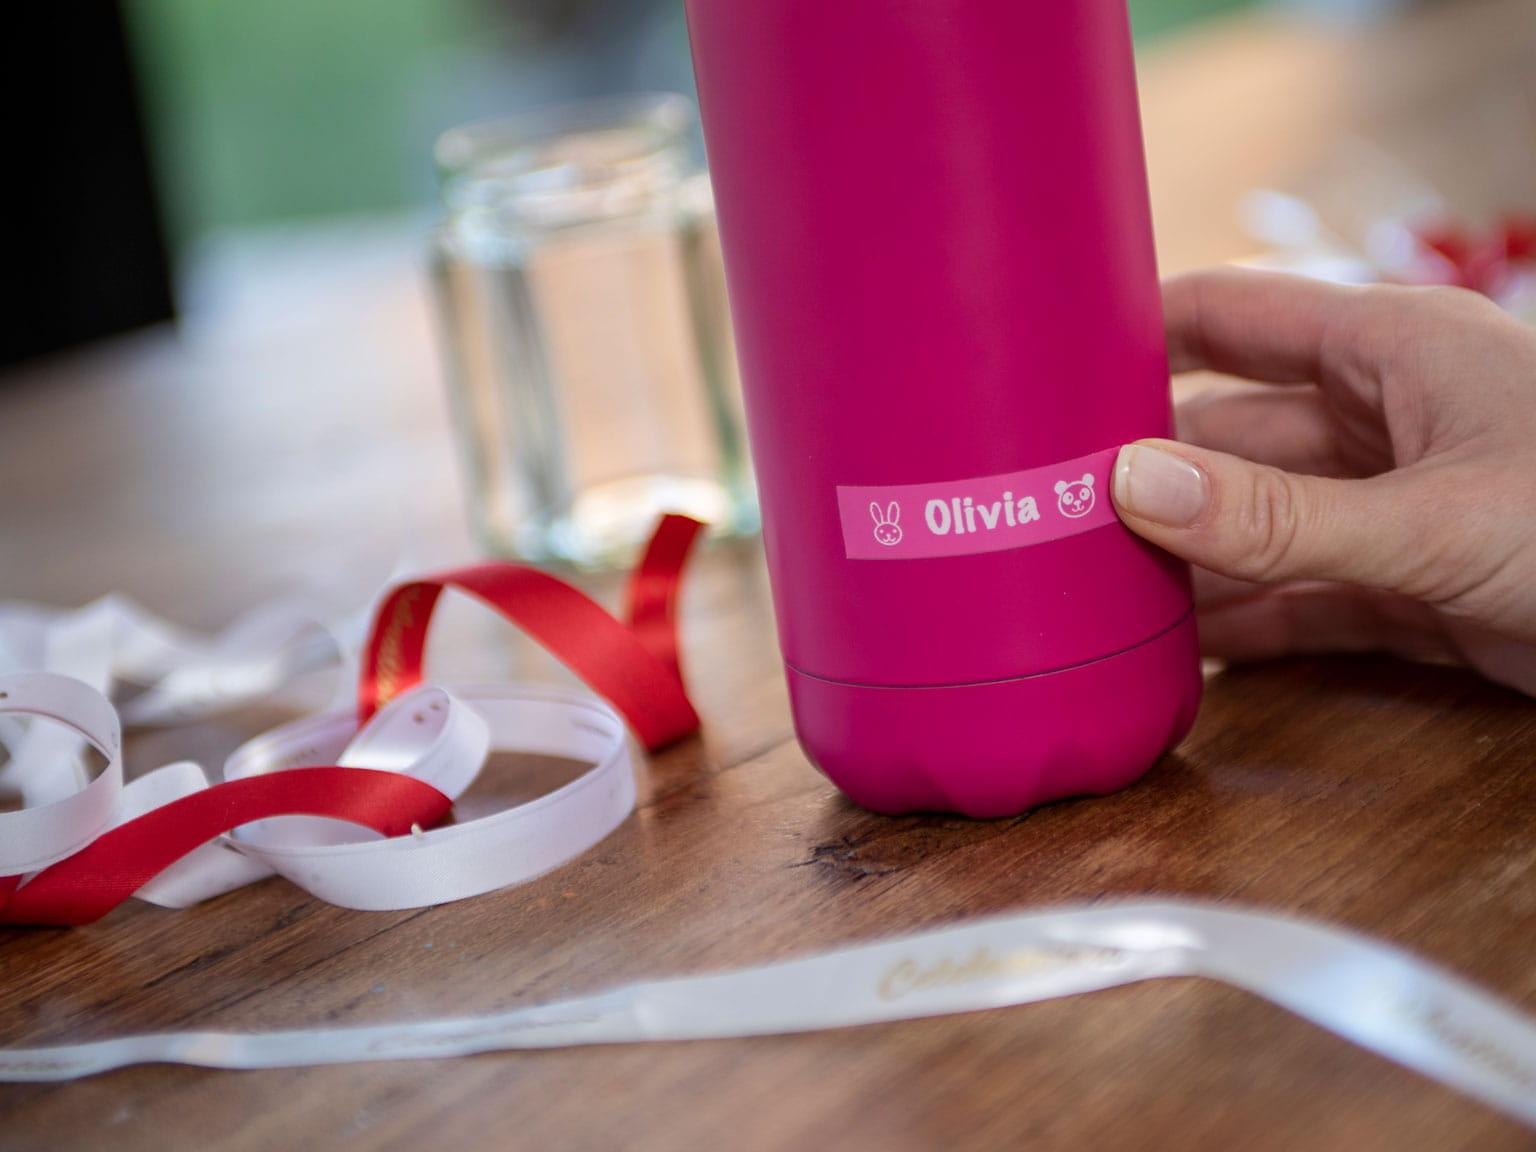 En person fester en Brother P-touch merkelapp med hvit skrift på rosa bunn på en rosa vannflaske